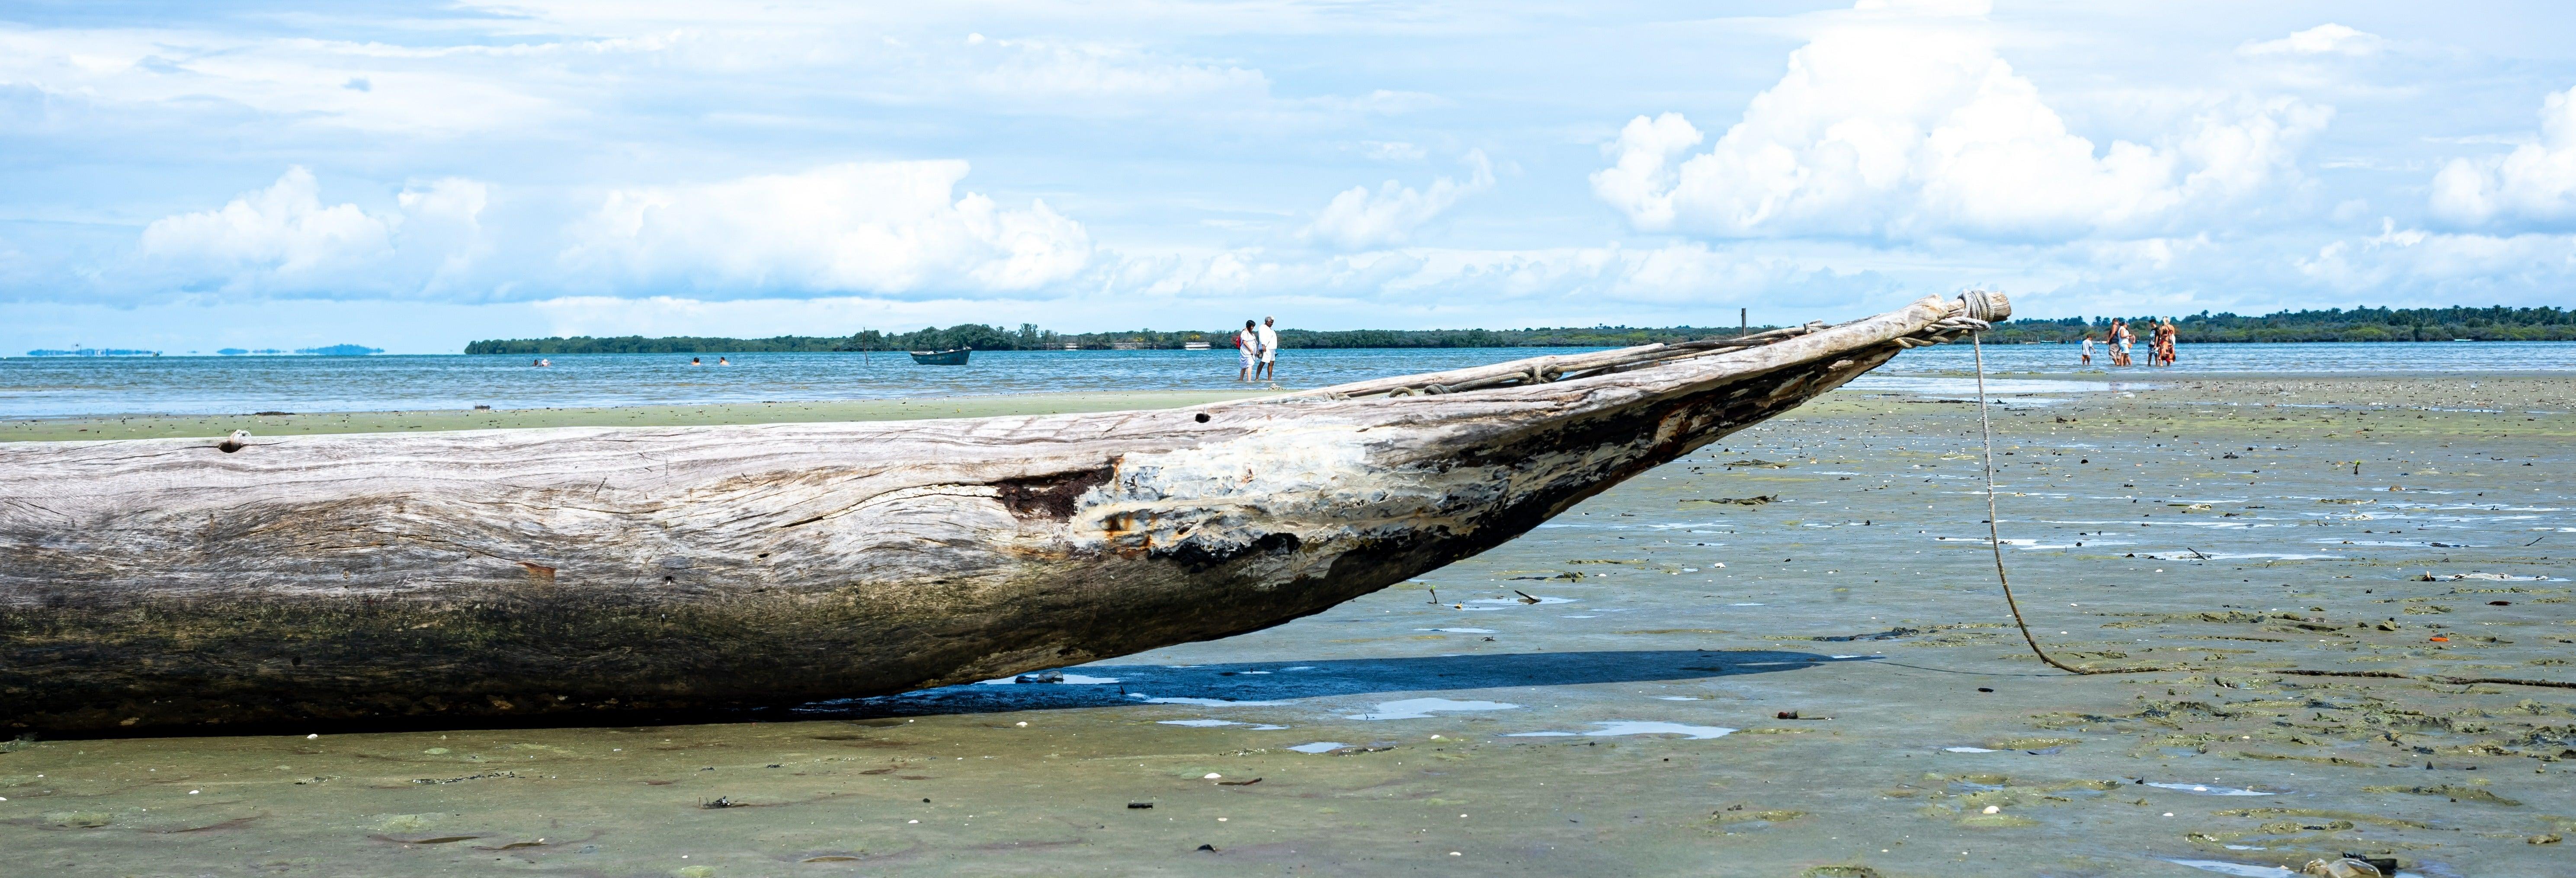 Excursión a la isla de Santo Amaro